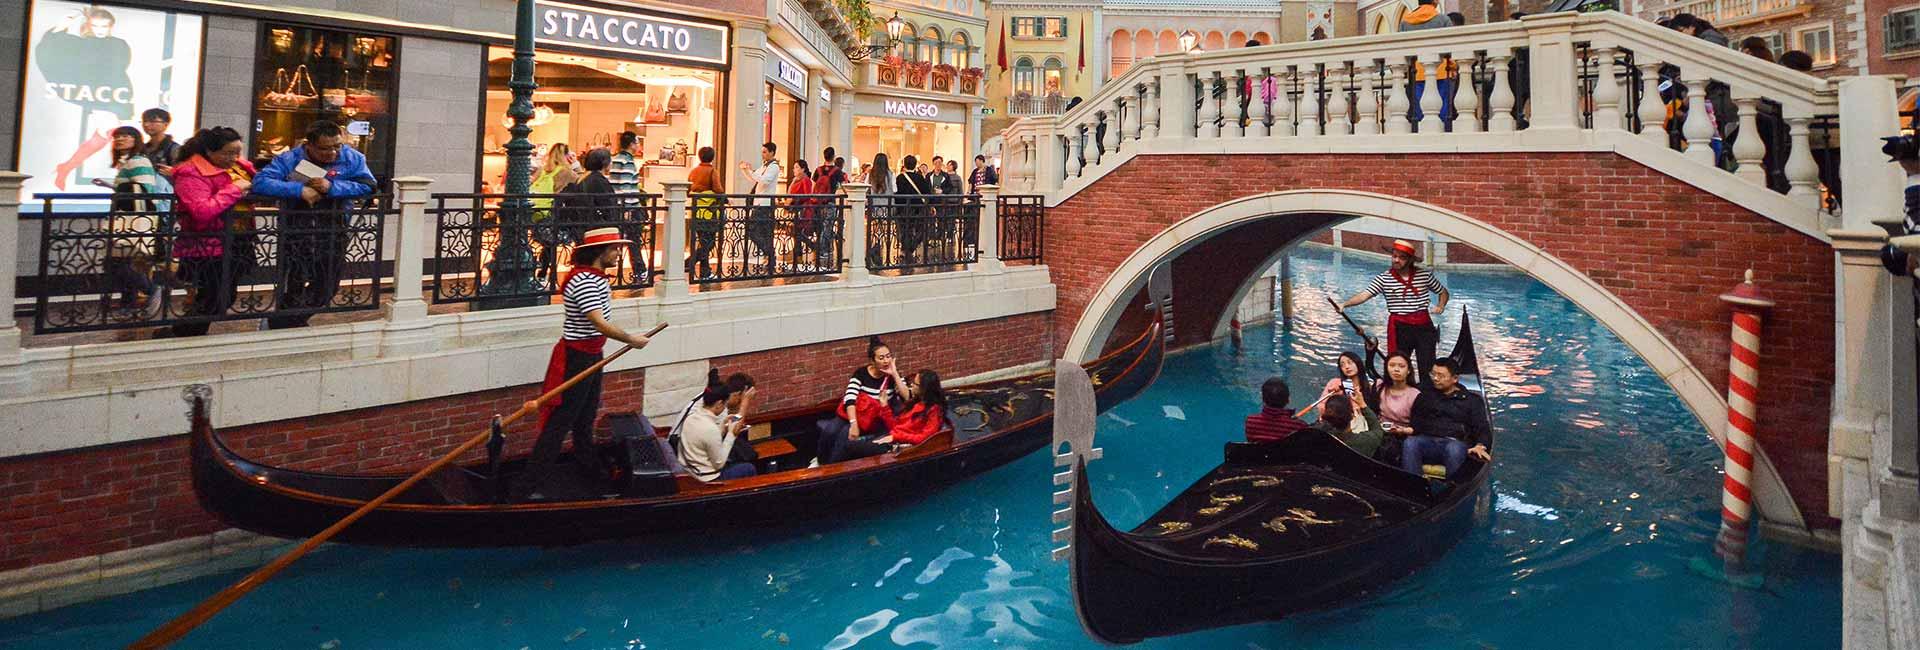 hk-venetian-hotel-sept